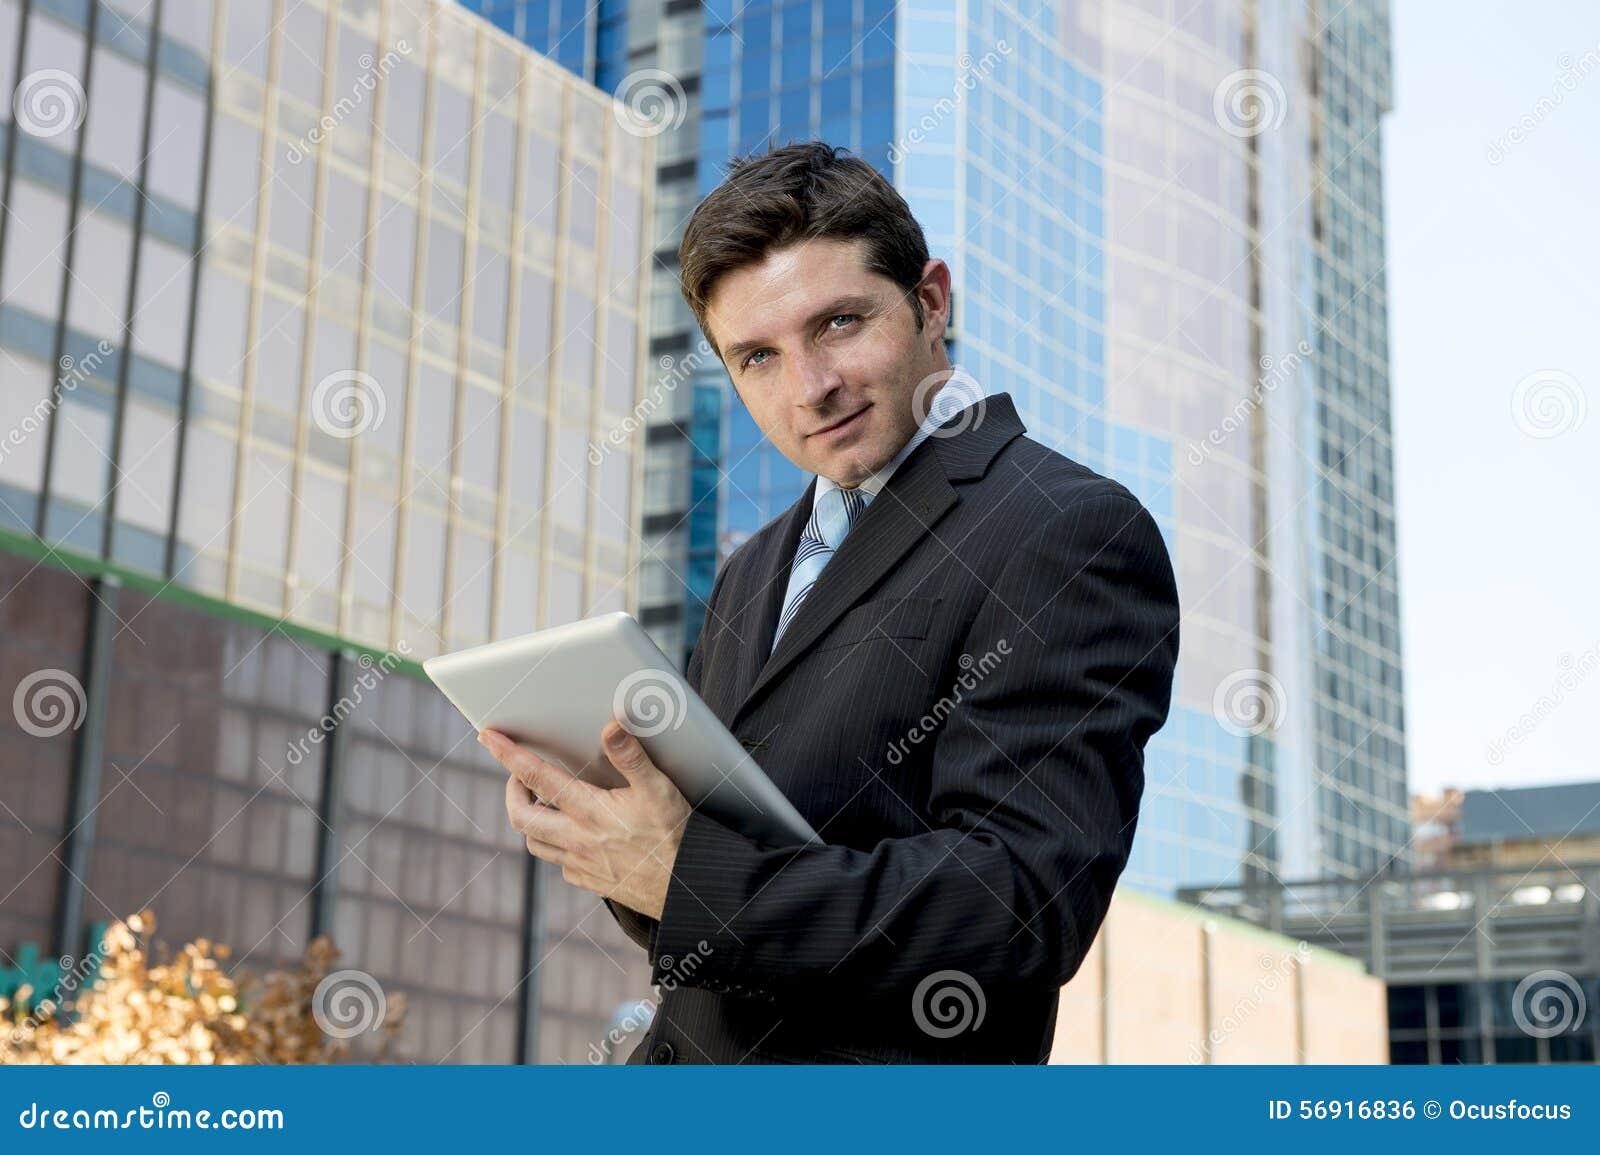 Εταιρικός νέος επιχειρηματίας πορτρέτου που εργάζεται με την ψηφιακή ταμπλέτα υπαίθρια